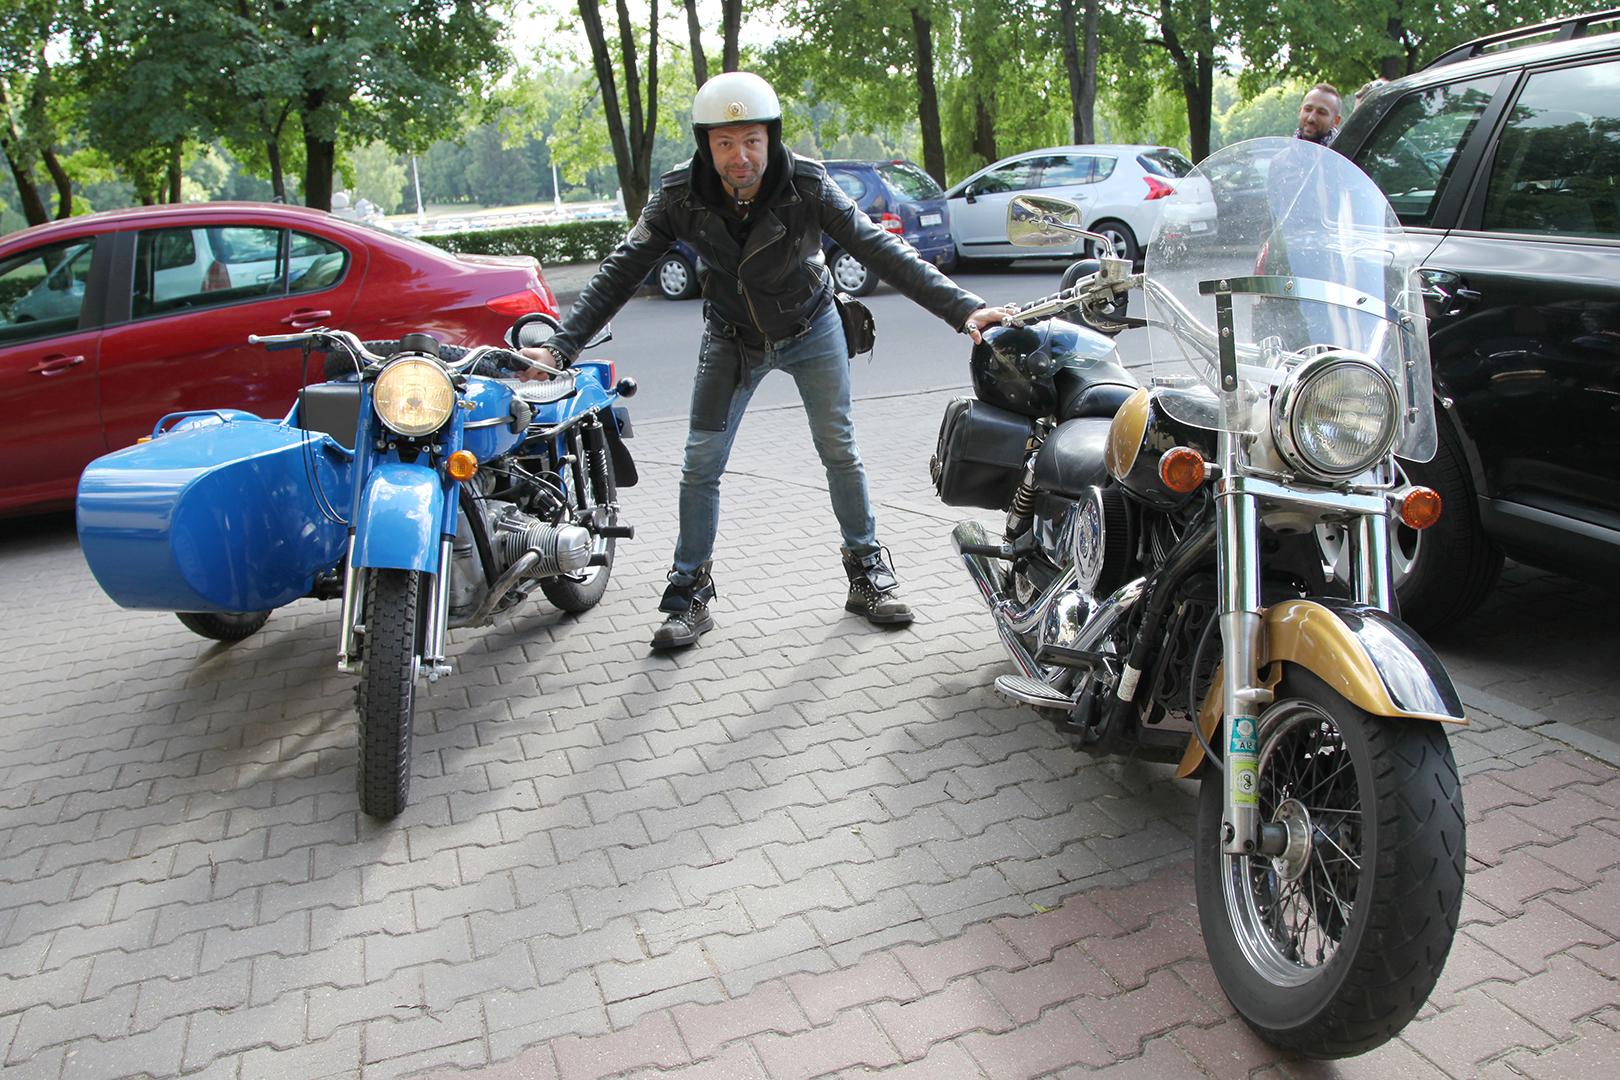 Рок-музыкант Дядя Ваня, обладатель «харлея» (мотоцикл справа), с удовольствием прокатился на советском «Урале». Фото: Юлия ПОЛЕЩУК